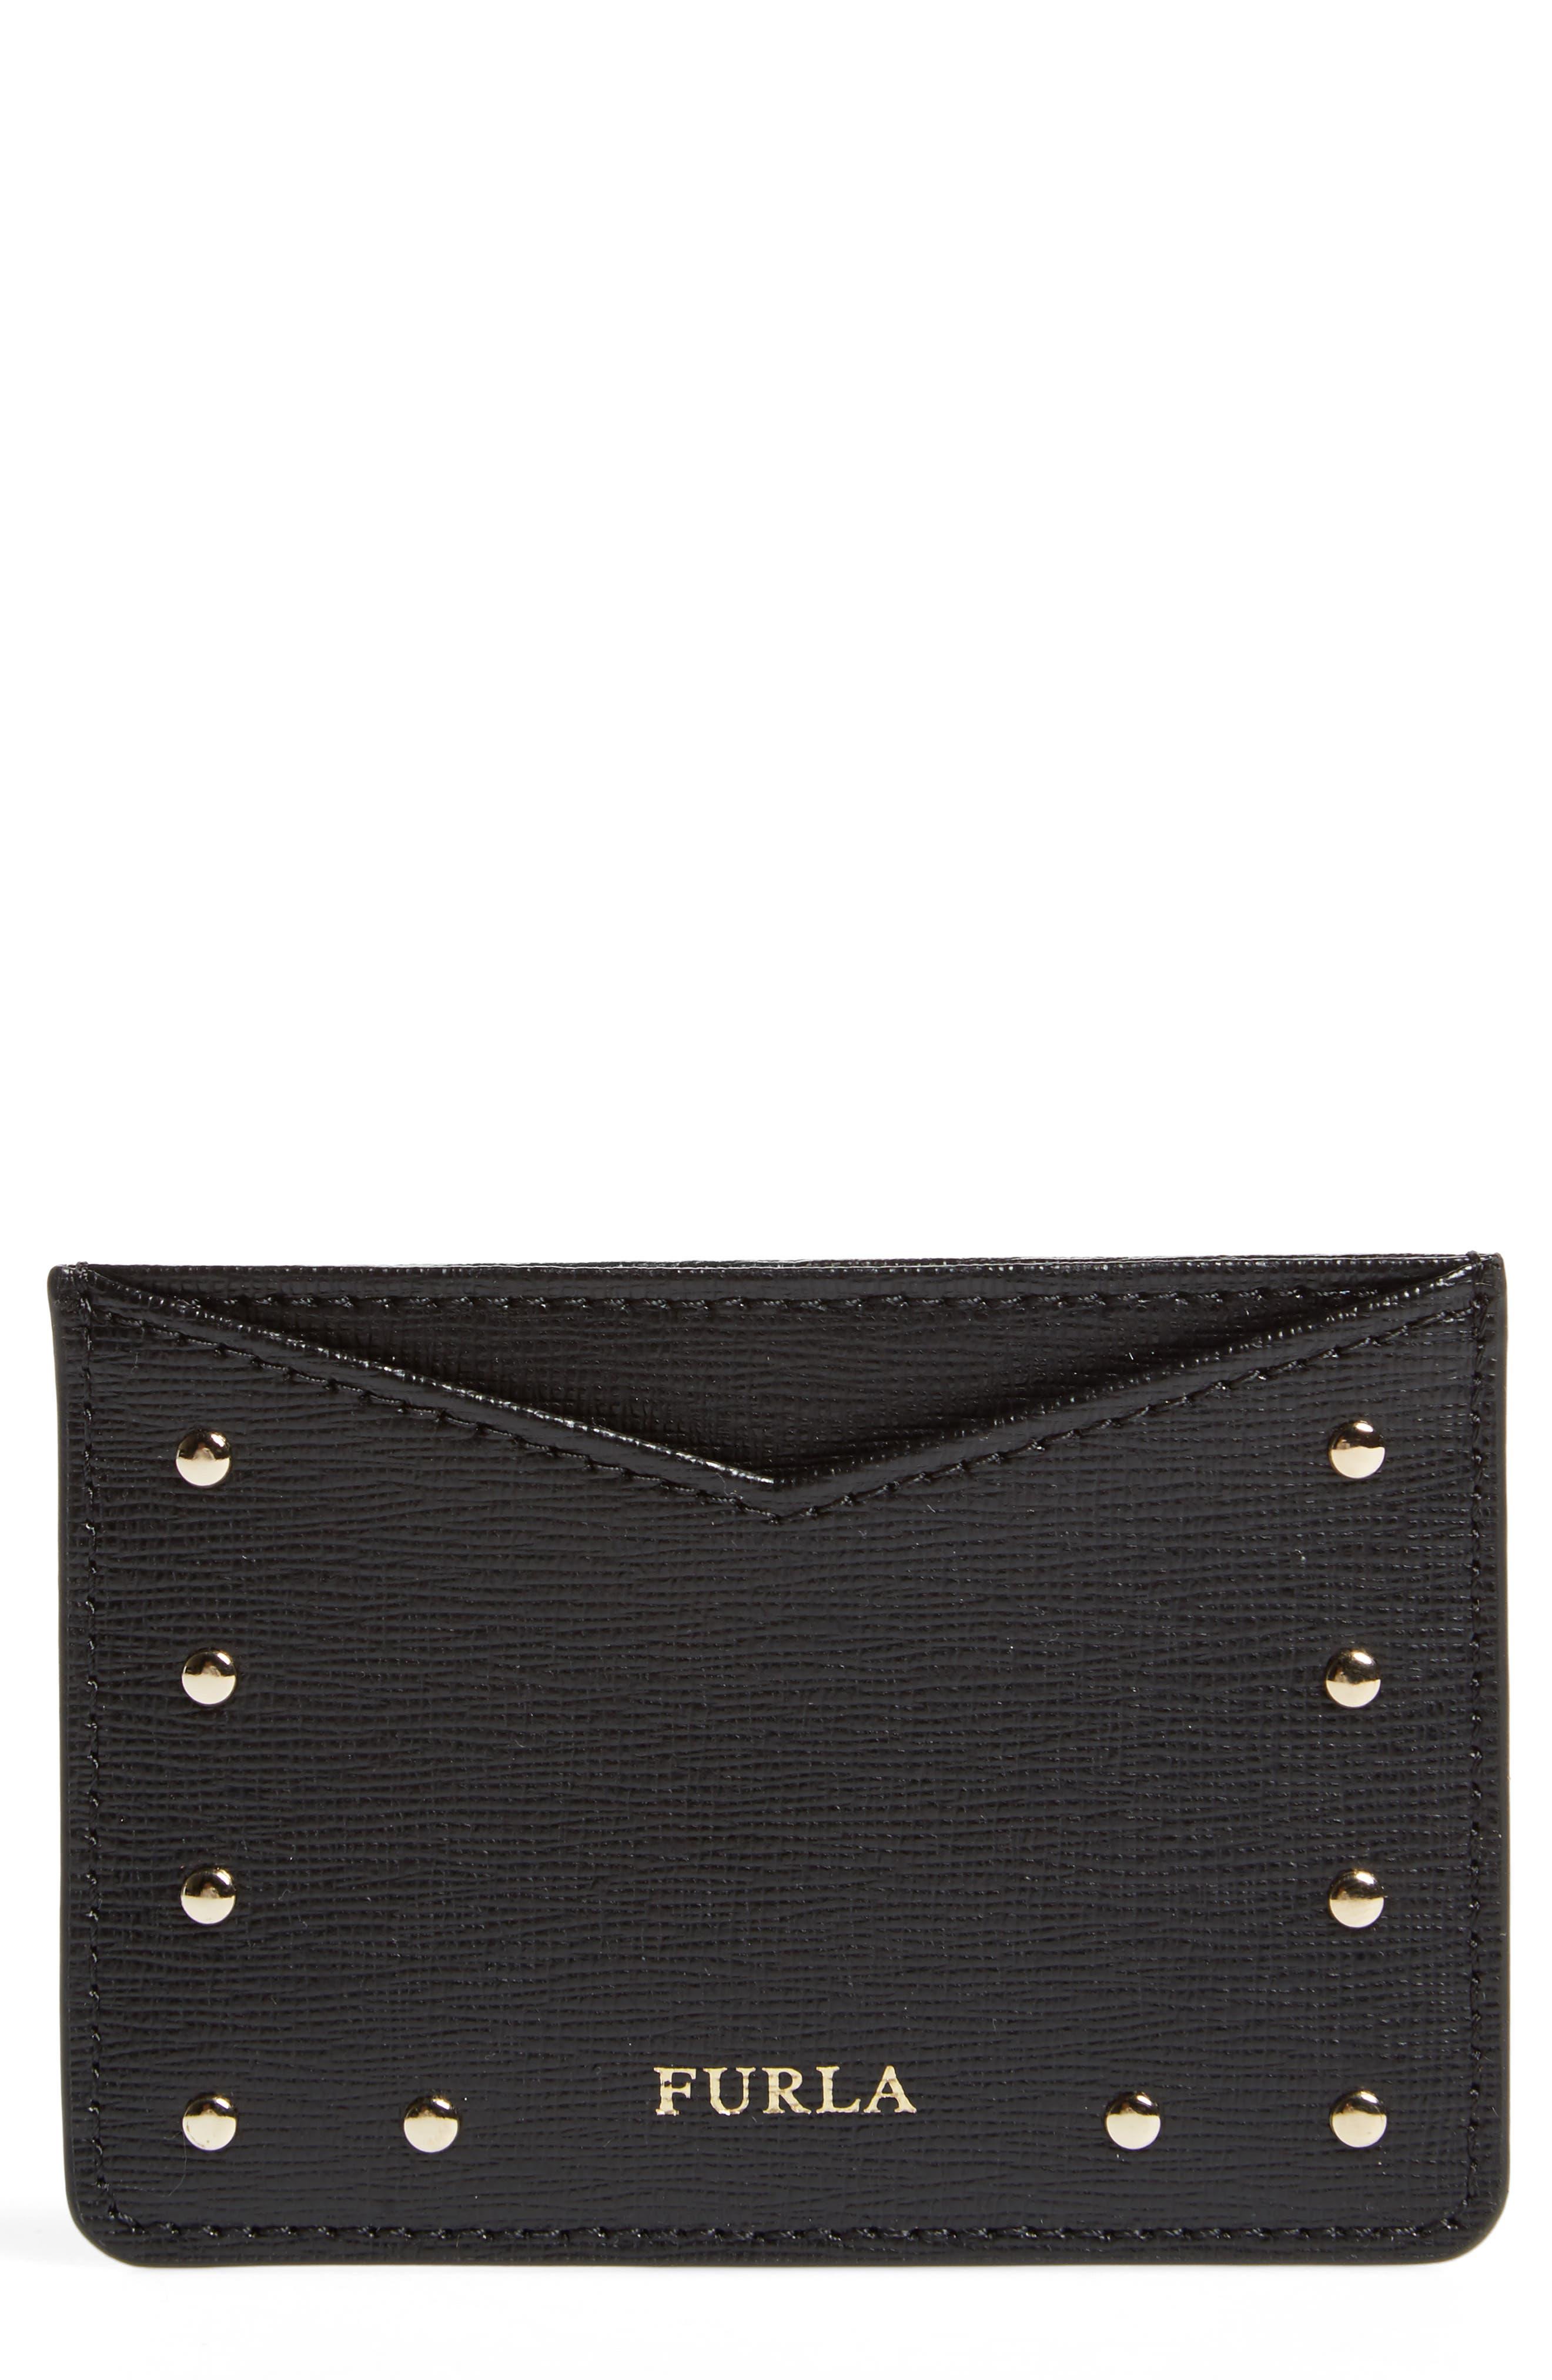 Alternate Image 1 Selected - Furla Gioia Saffiano Leather Card Case